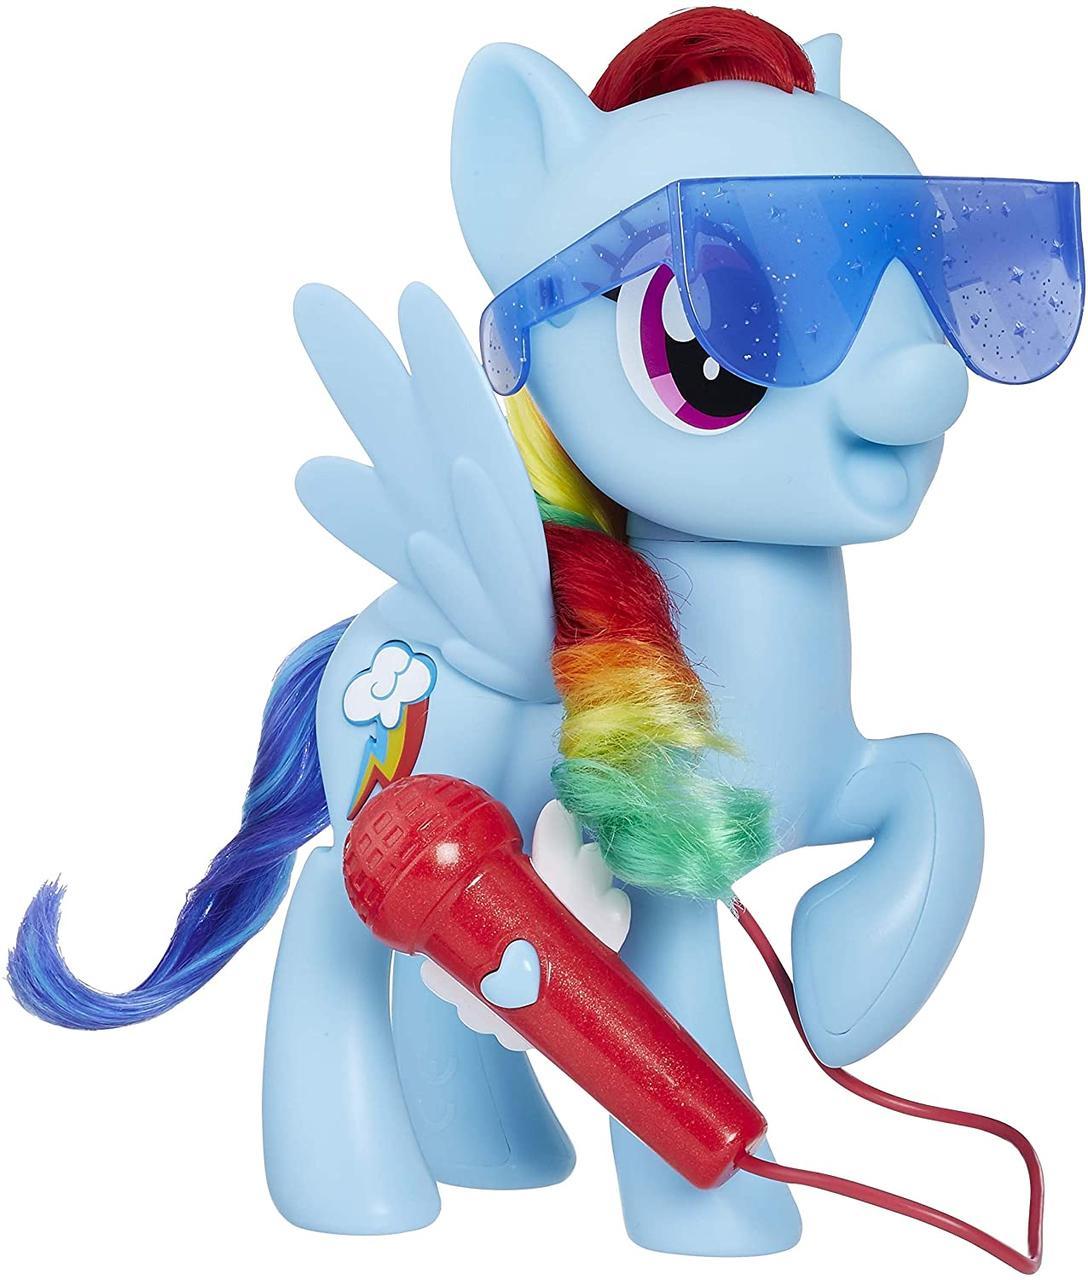 Май лител пони поющая Радуга Дэш My Little Pony Singing Rainbow Dash